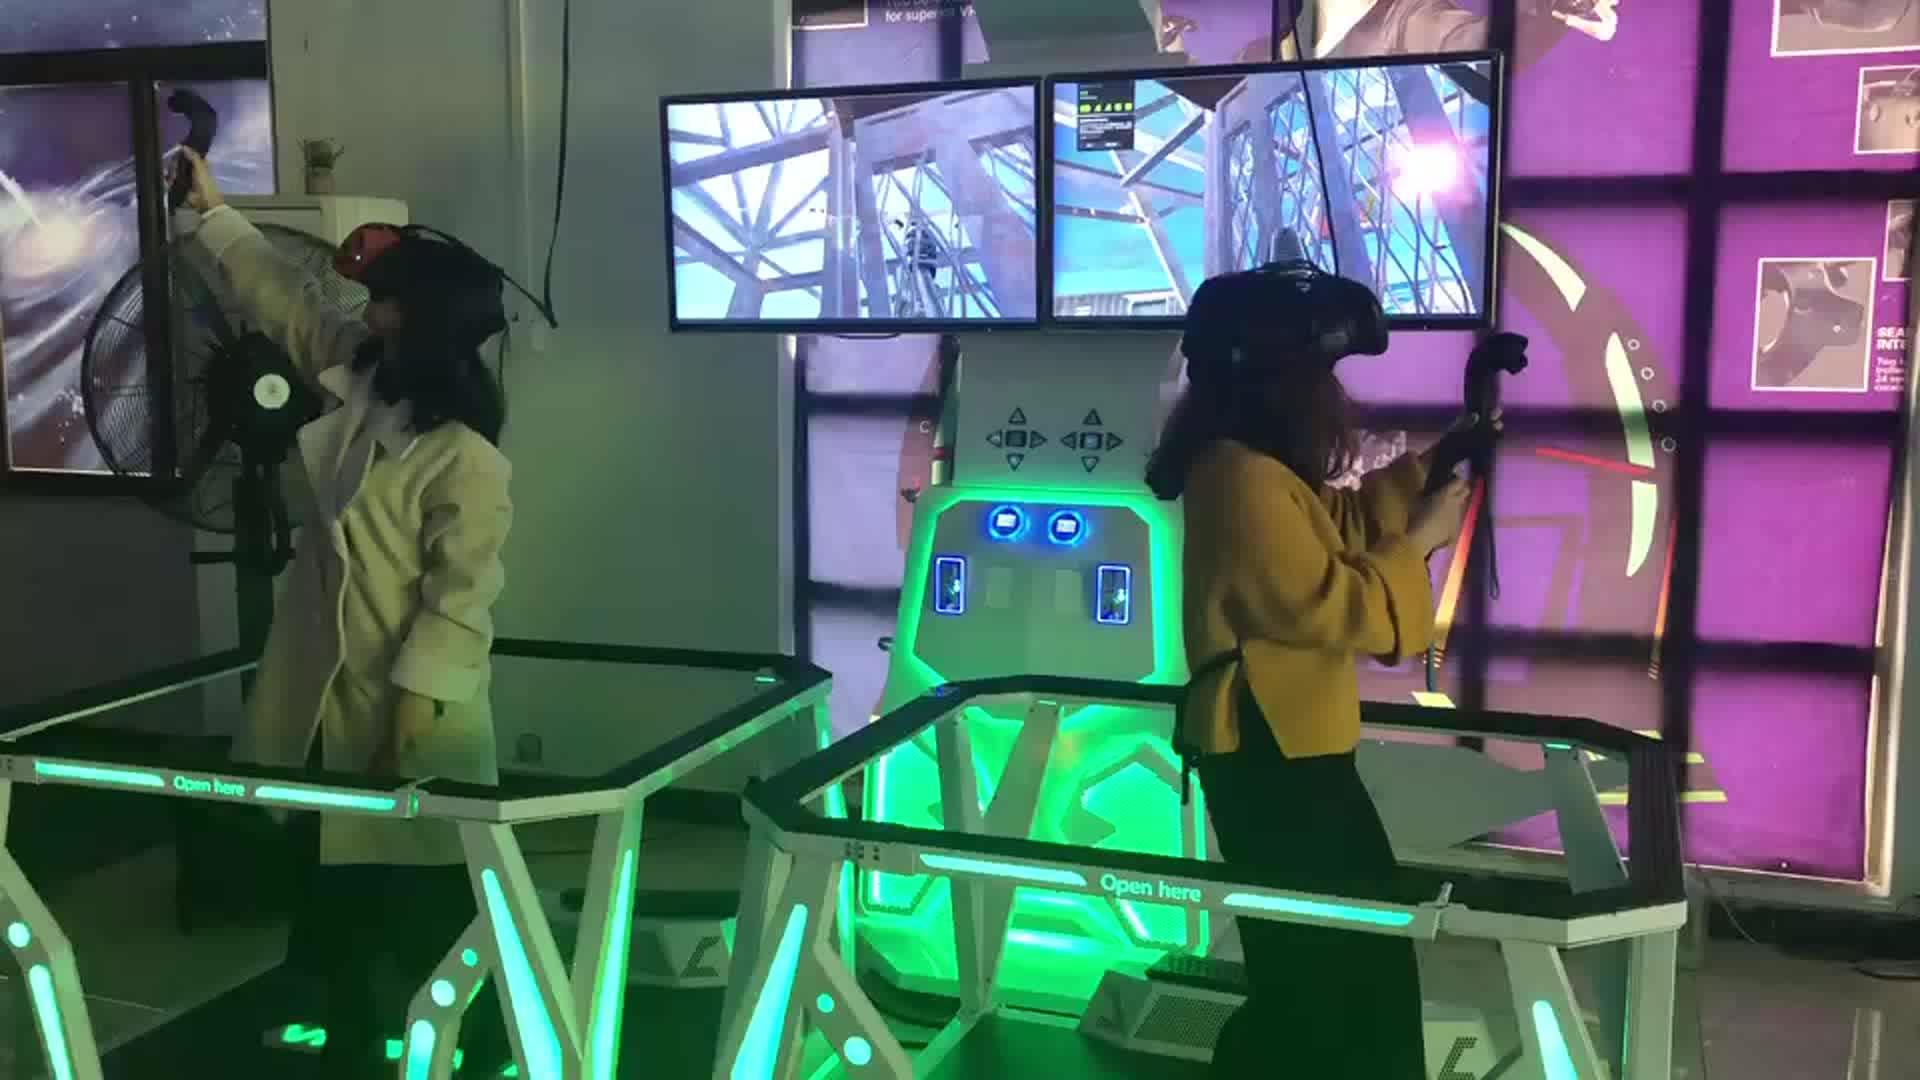 Simulasi Virtual Reality Kualitas Tinggi 9D Double Shooting Game 9D Berjalan dan Menembak